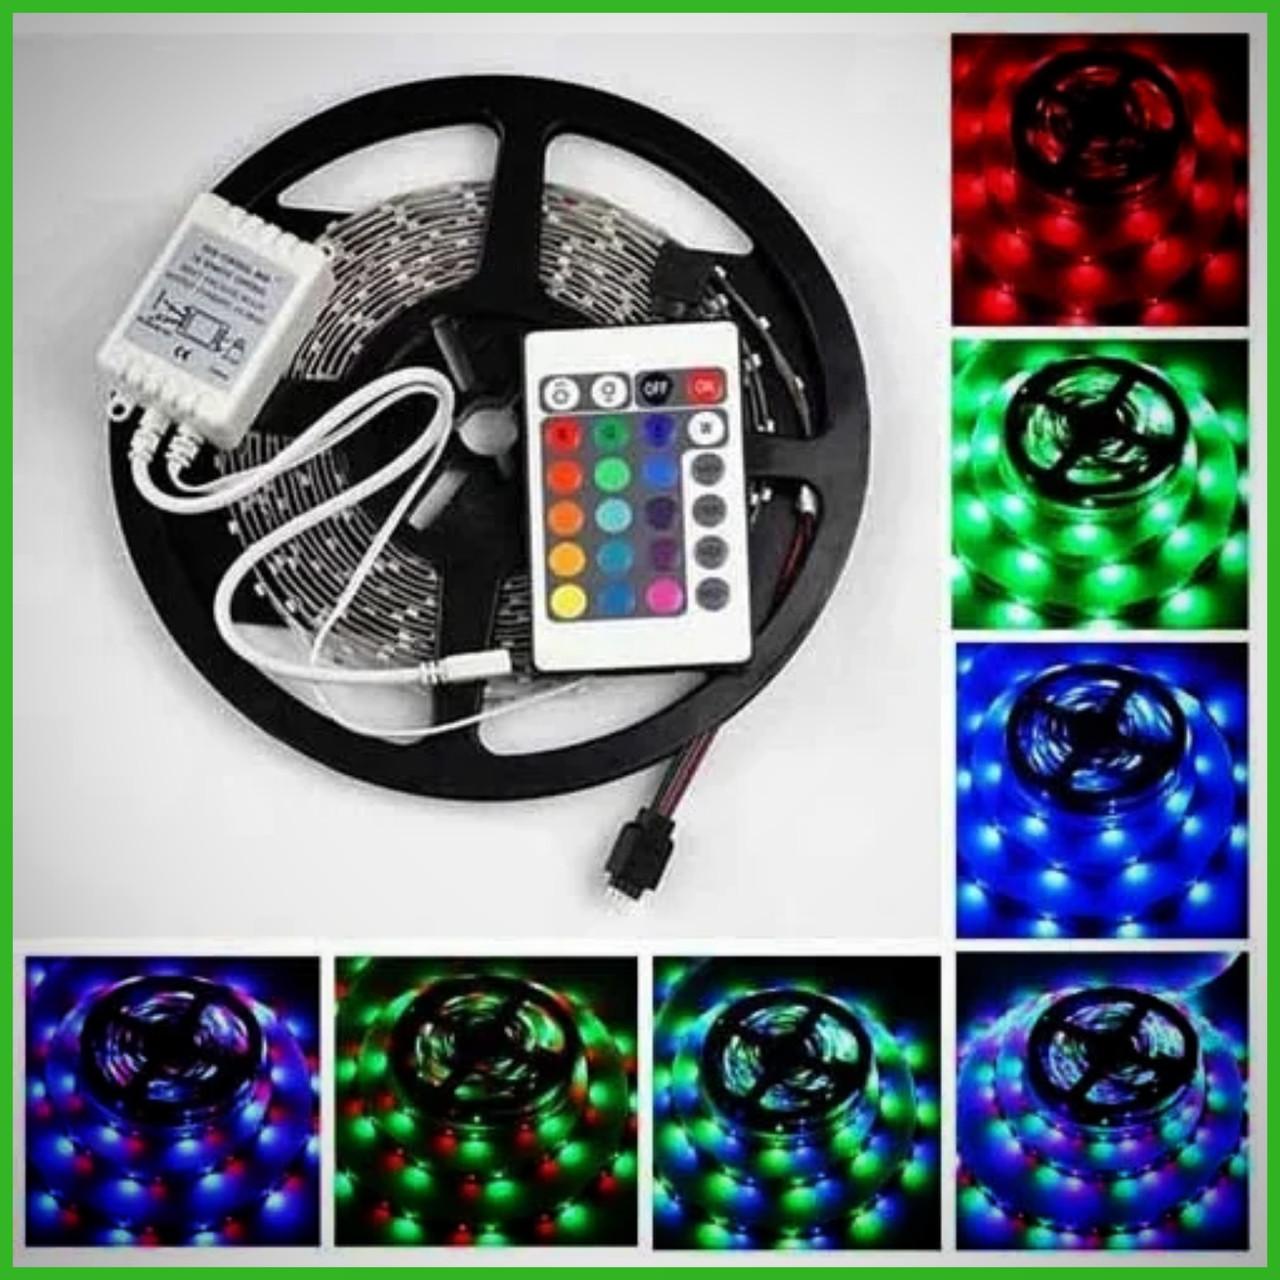 Світлодіодна LED стрічка 3528 RGB Всі кольори 12V кольорова 5м + пульт + блок